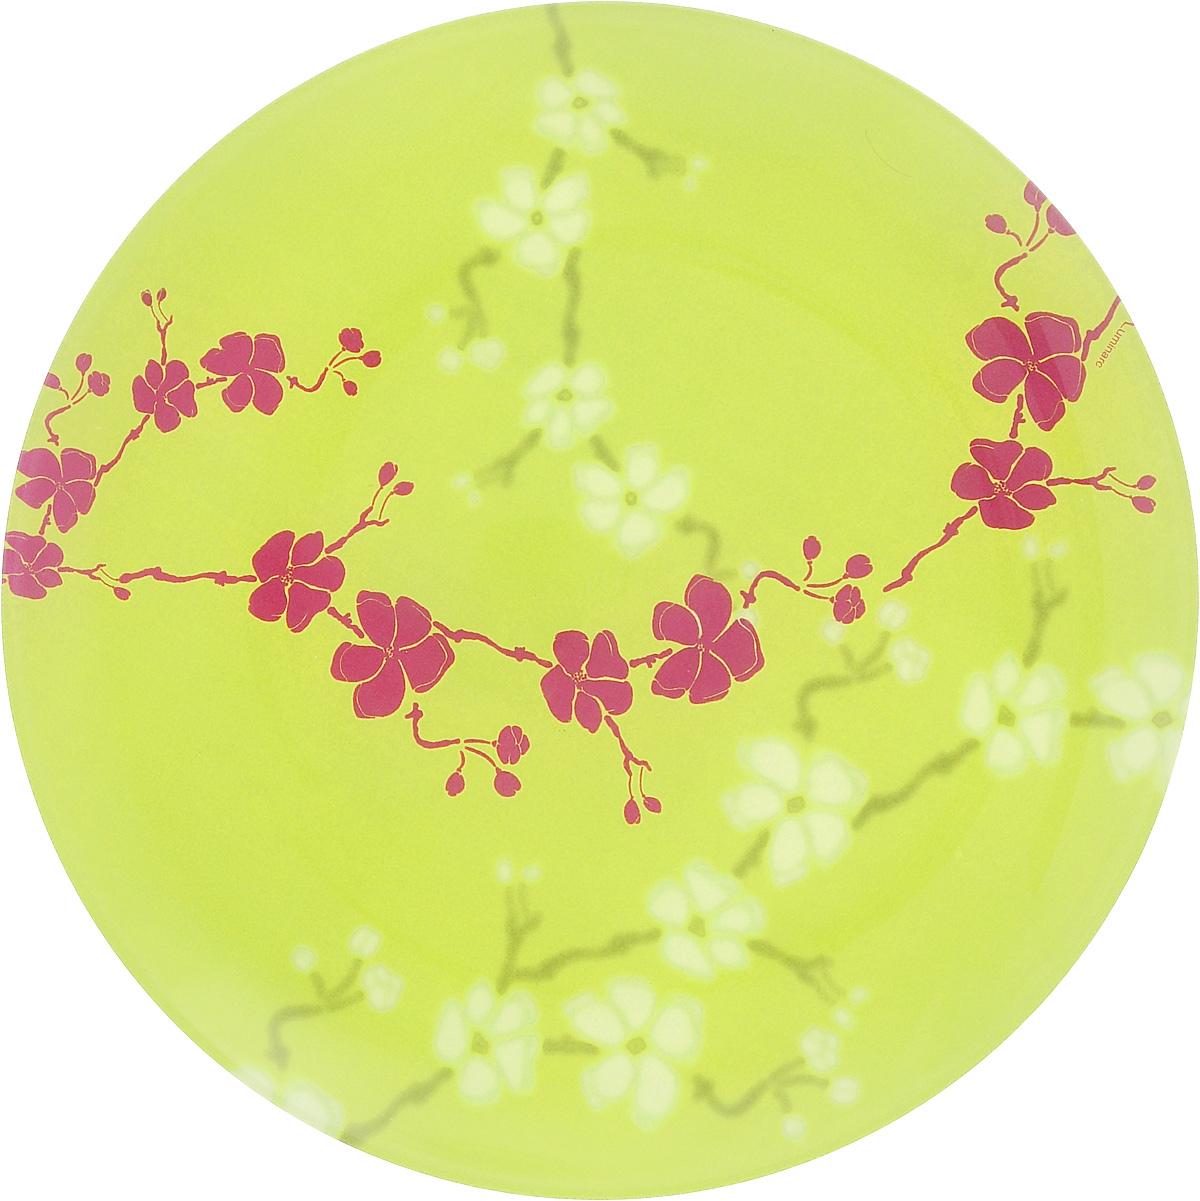 Тарелка десертная Luminarc Kashima Green, 20,5 смH7310Десертная тарелка Luminarc Kashima Green, изготовленная из ударопрочного стекла, имеет изысканный внешний вид. Такая тарелка прекрасно подходит как для торжественных случаев, так и для повседневного использования. Идеальна для подачи десертов, пирожных, тортов и многого другого. Она прекрасно оформит стол и станет отличным дополнением к вашей коллекции кухонной посуды. Диаметр тарелки (по верхнему краю): 20,5 см.